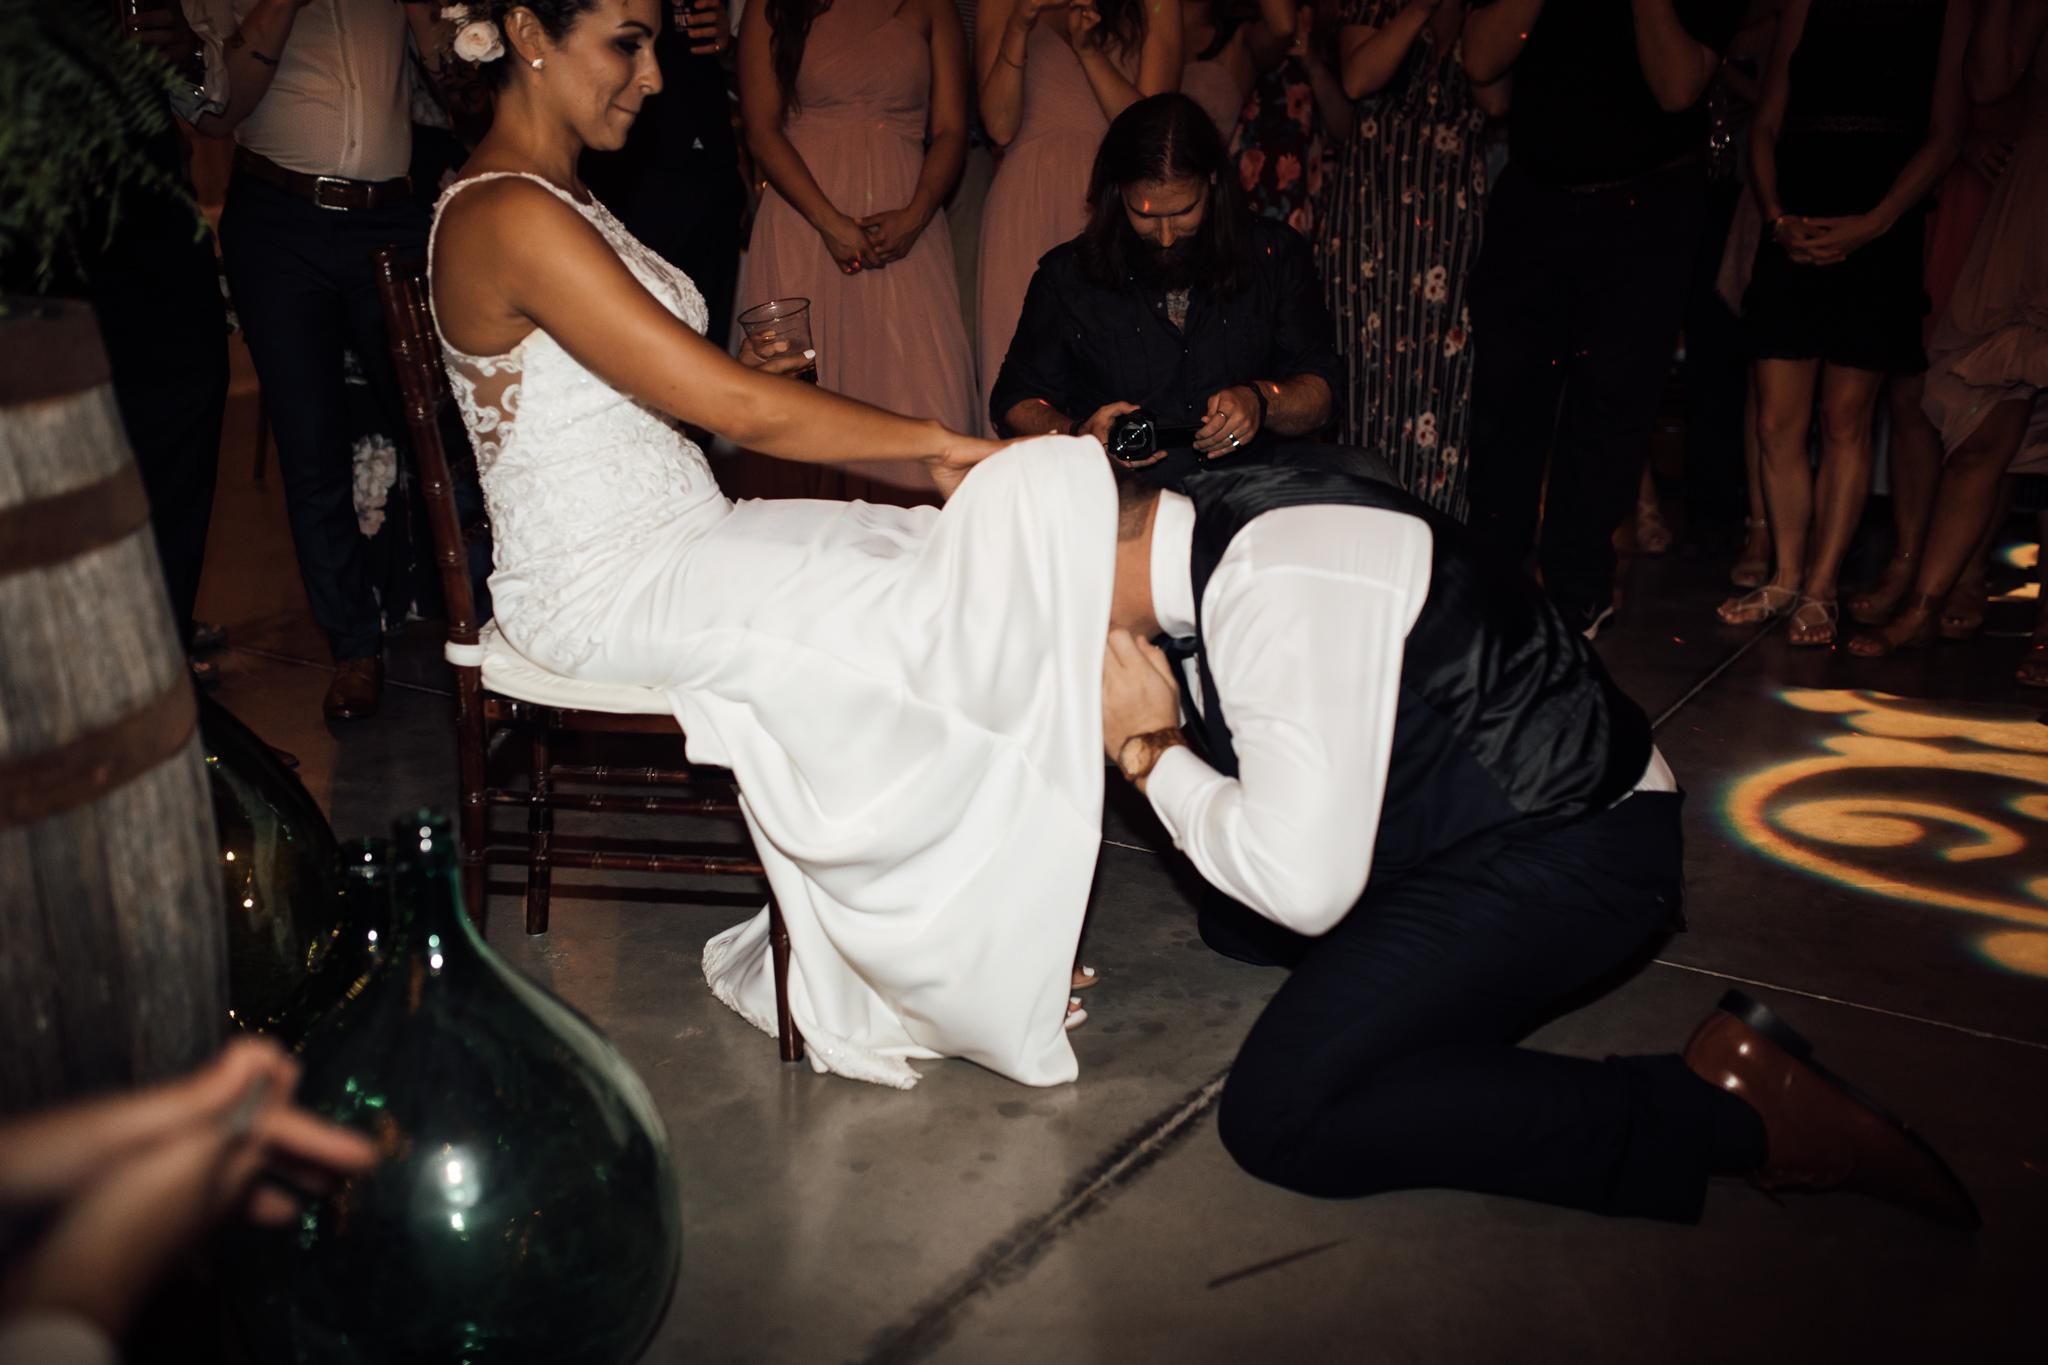 saddlewoodsfarms-nashville-wedding-photographer-thewarmtharoundyou-rustic-wedding (92 of 251).jpg